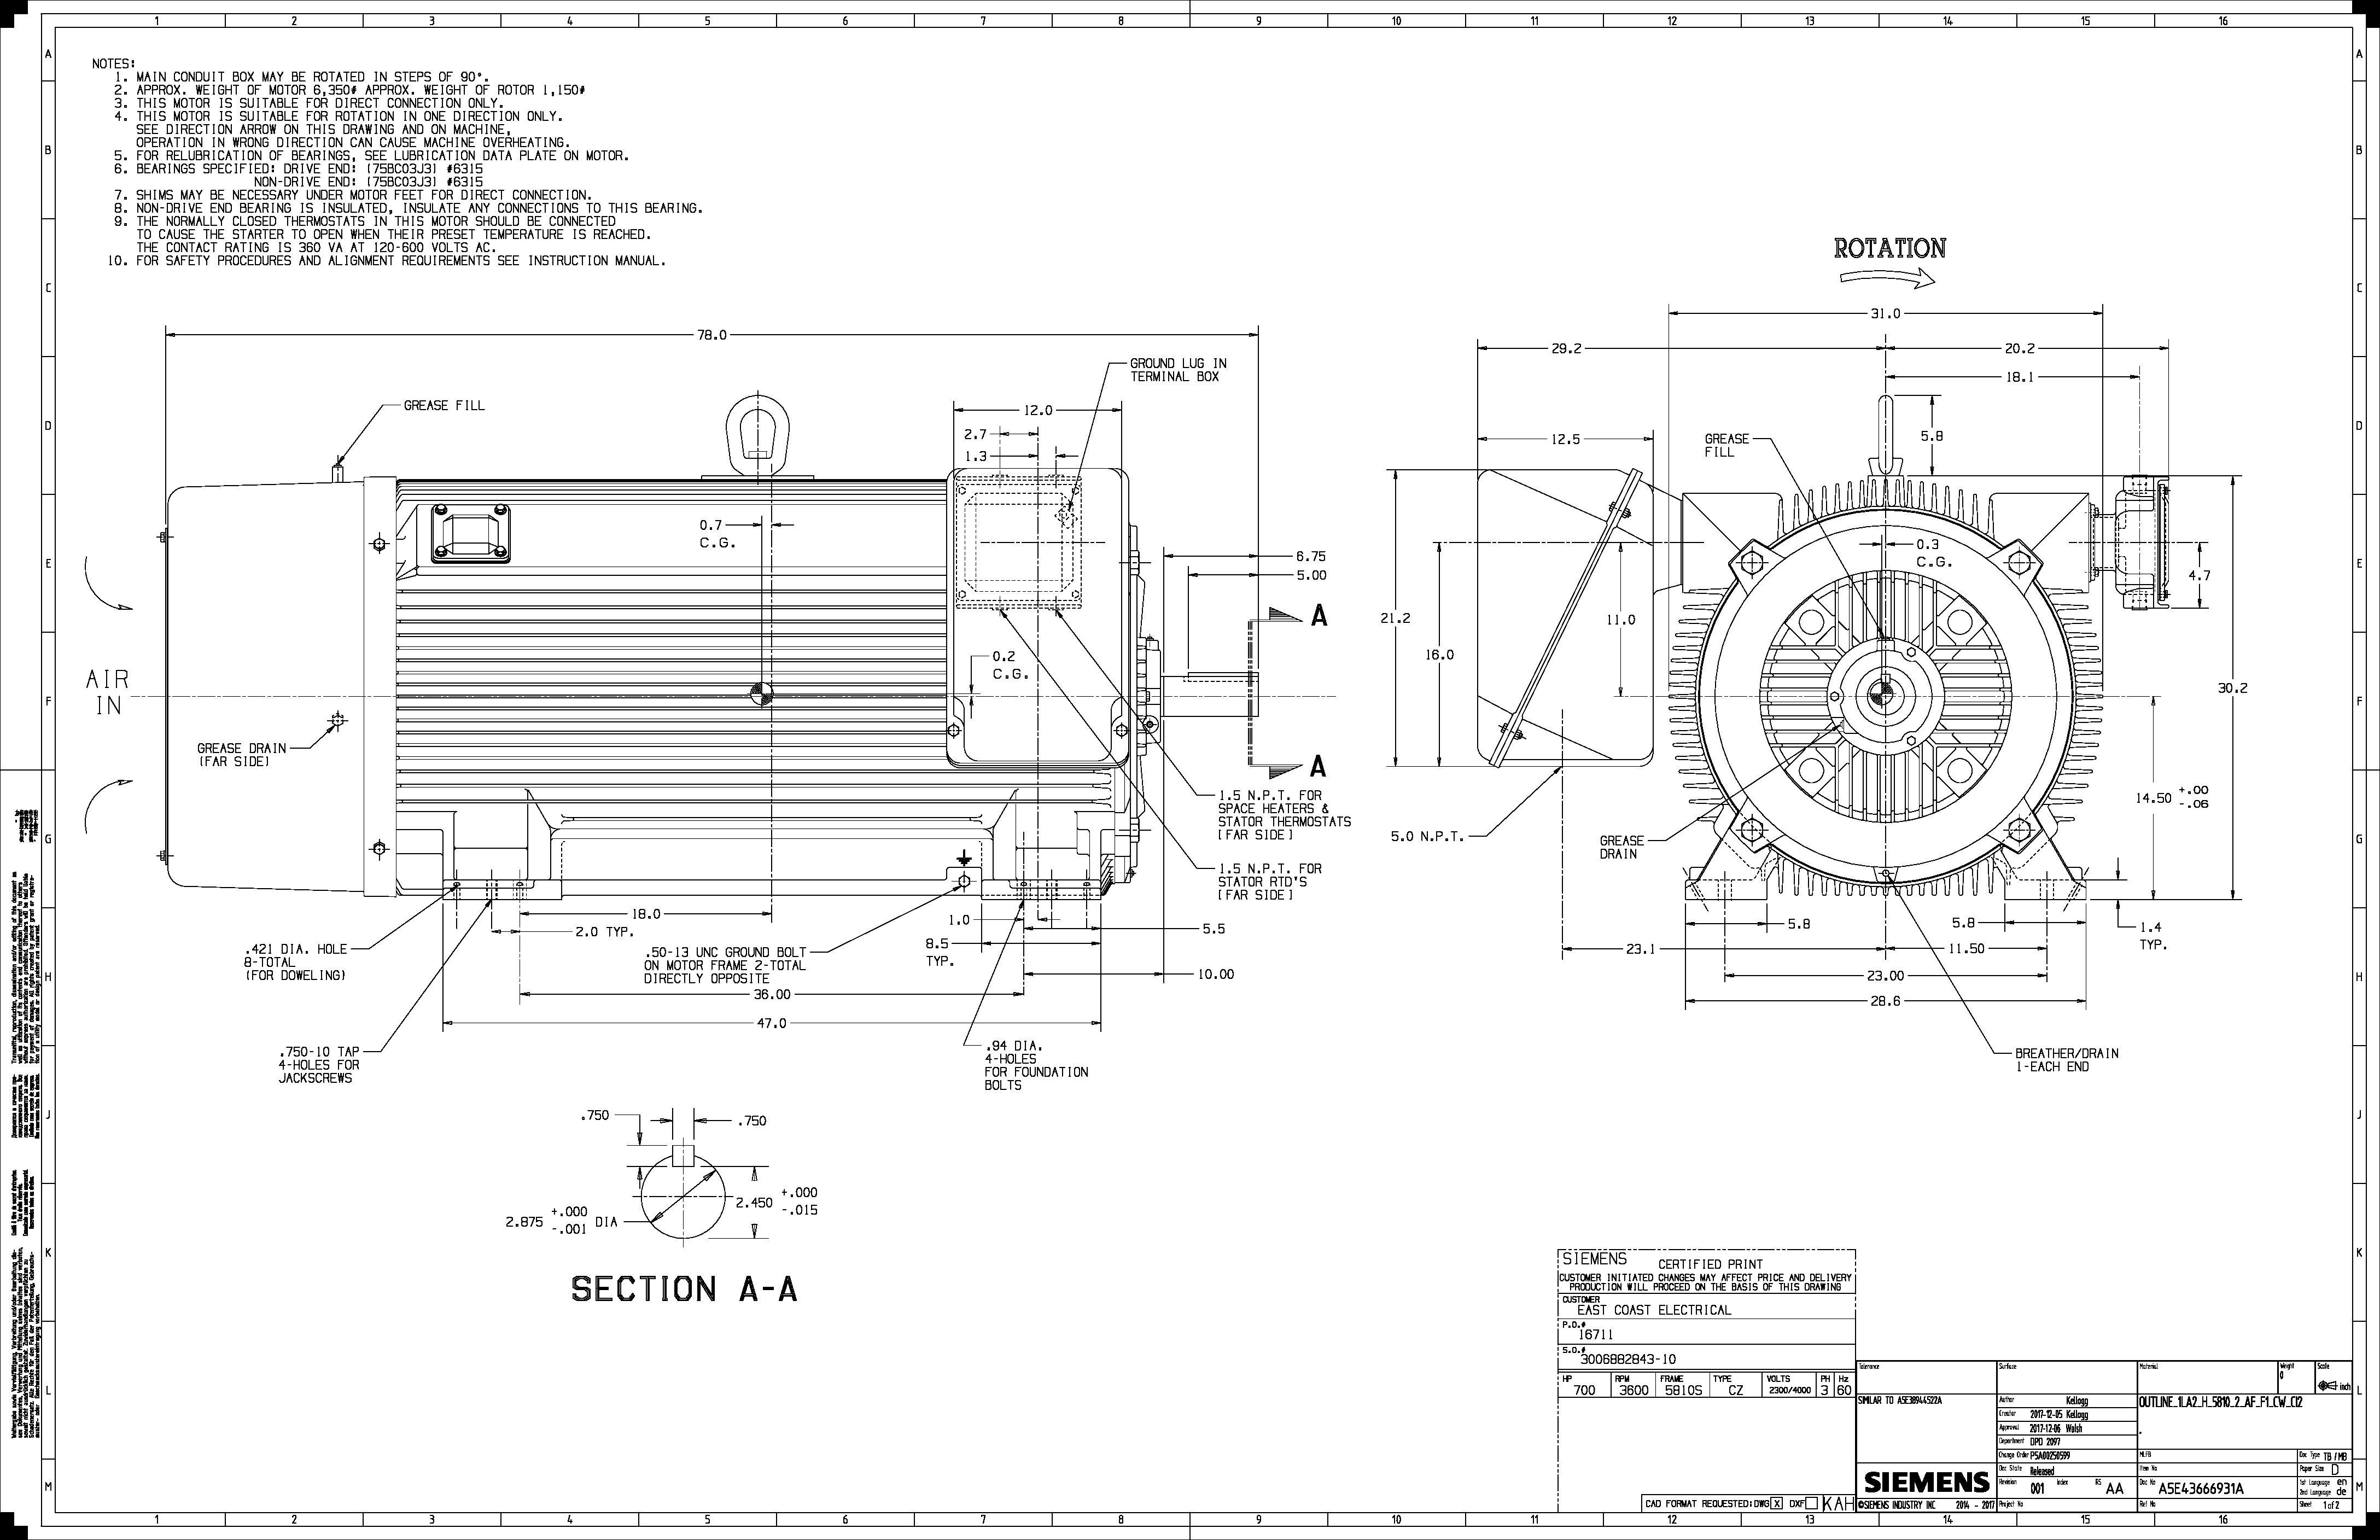 600 Hp Rpm Siemens Frame S Bbtefc V New 2